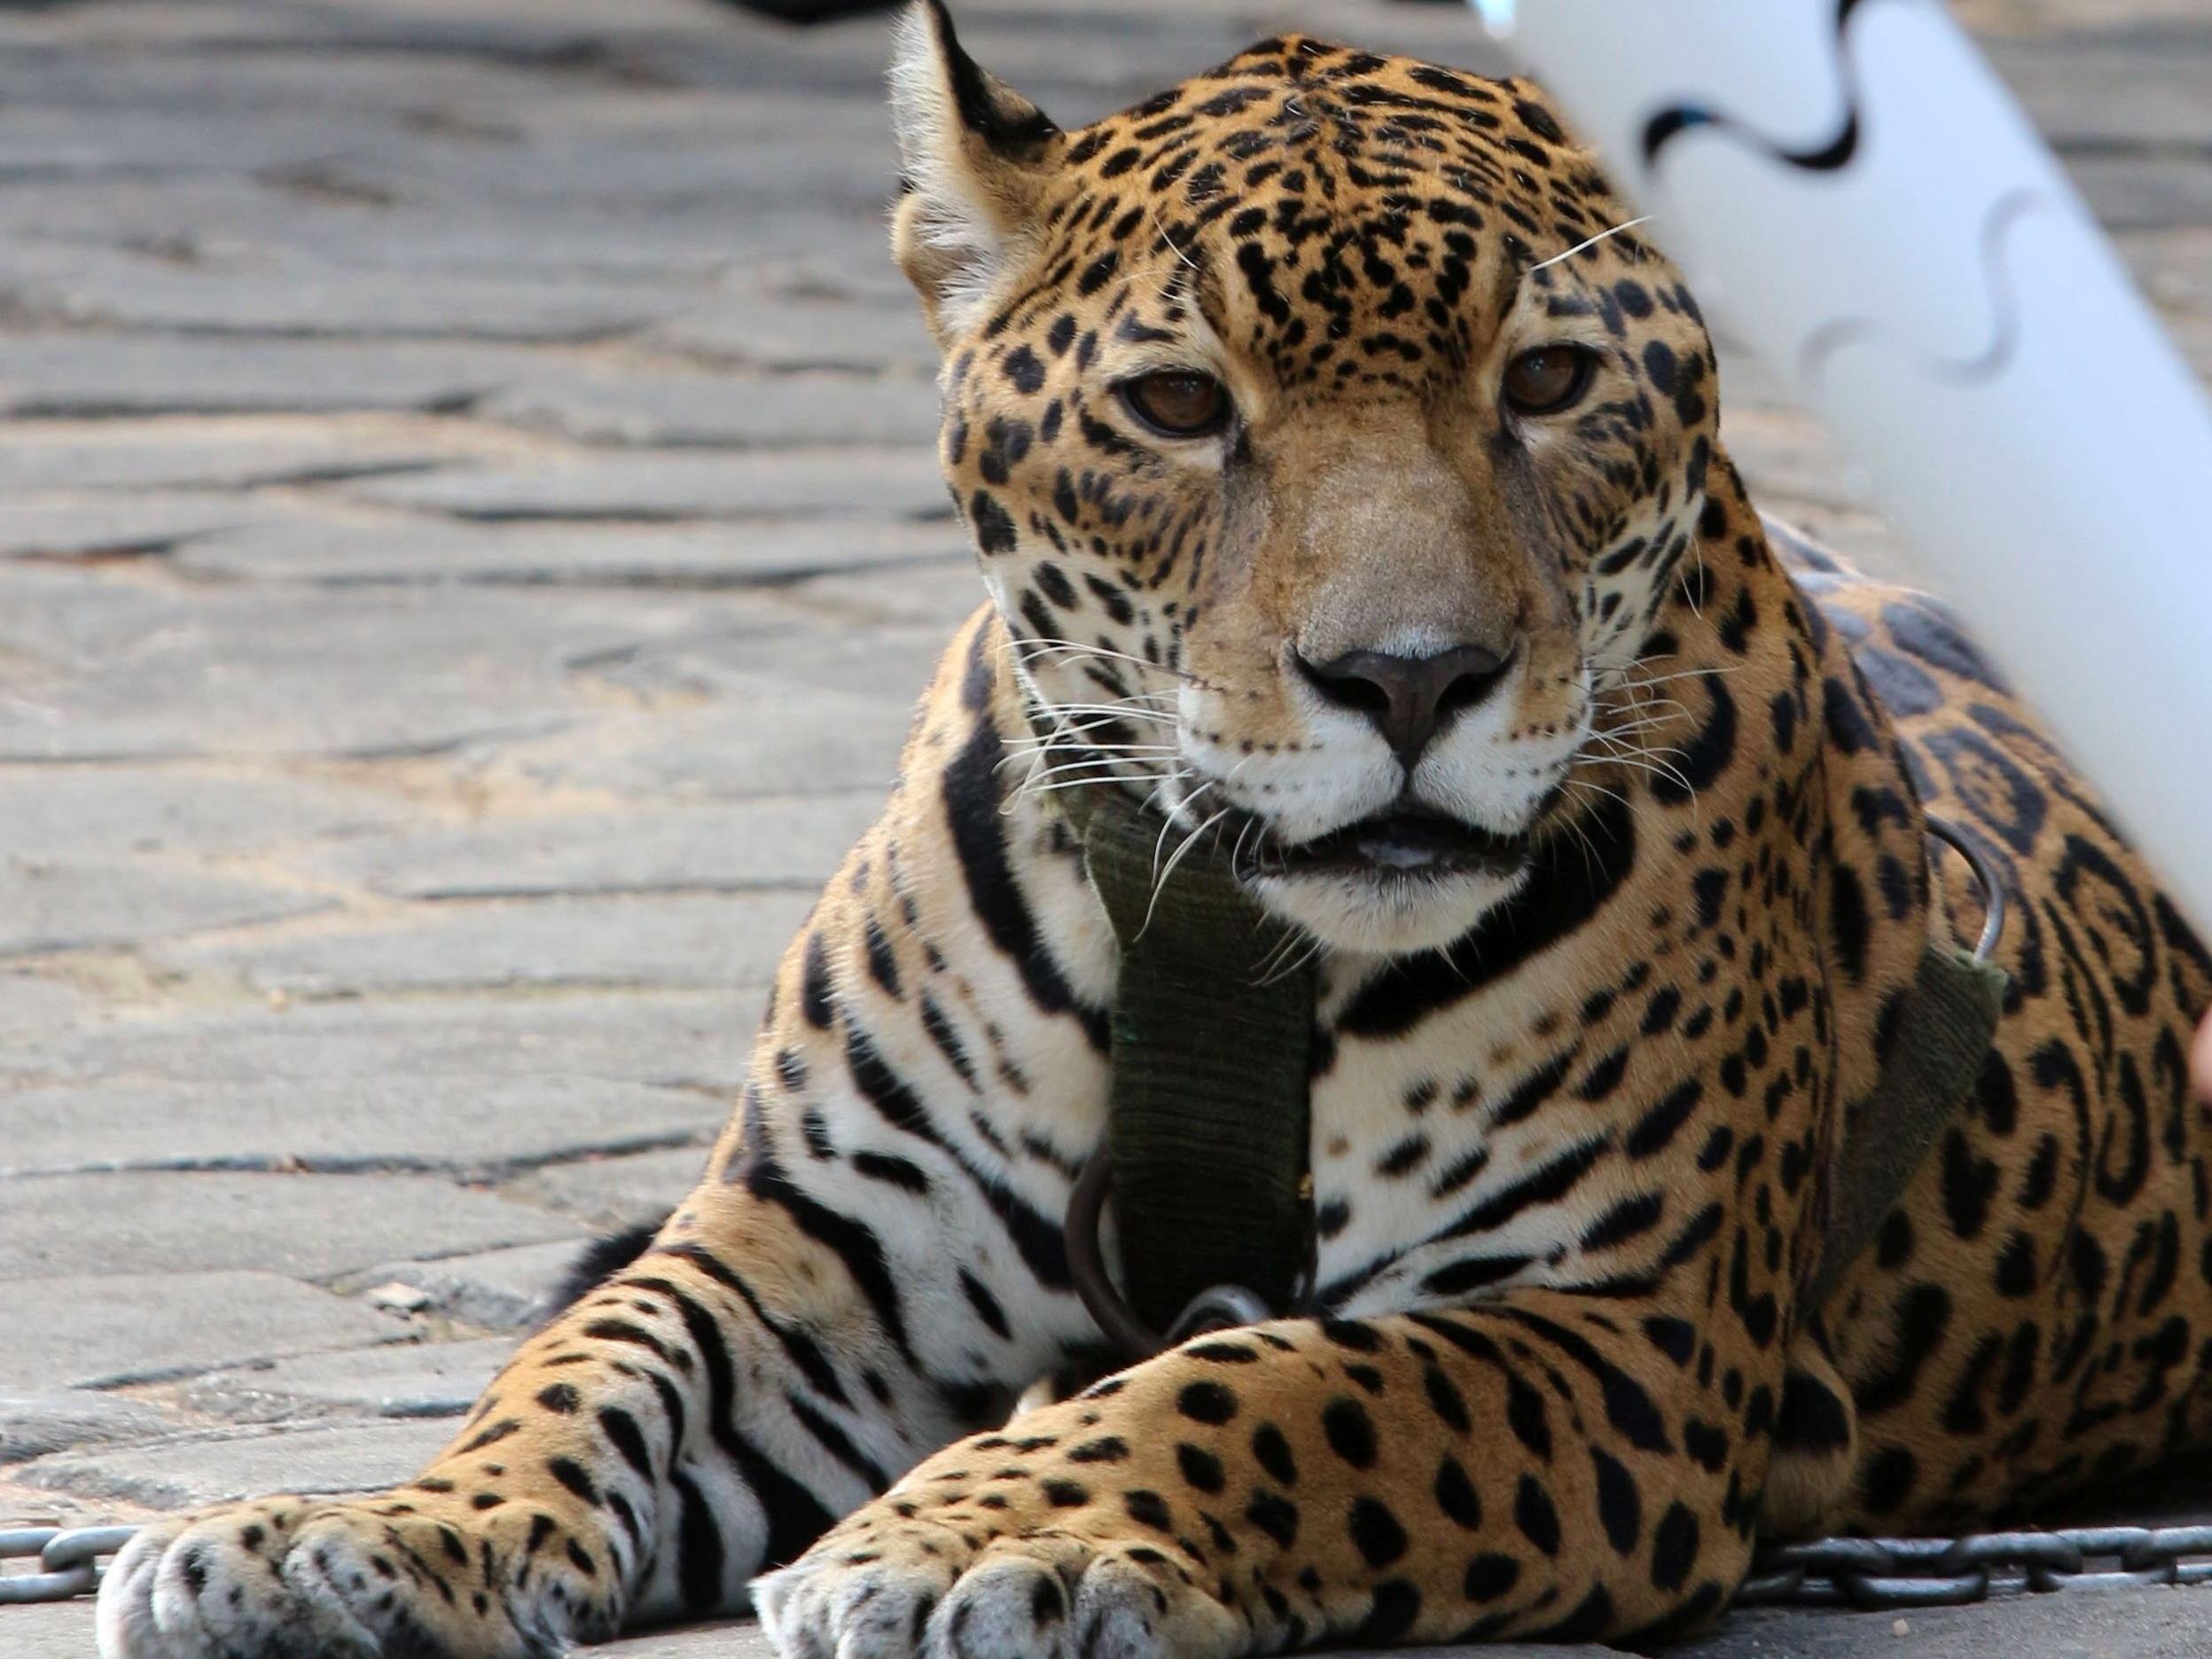 Der Jaguar war bei der Zeremonie angekettet